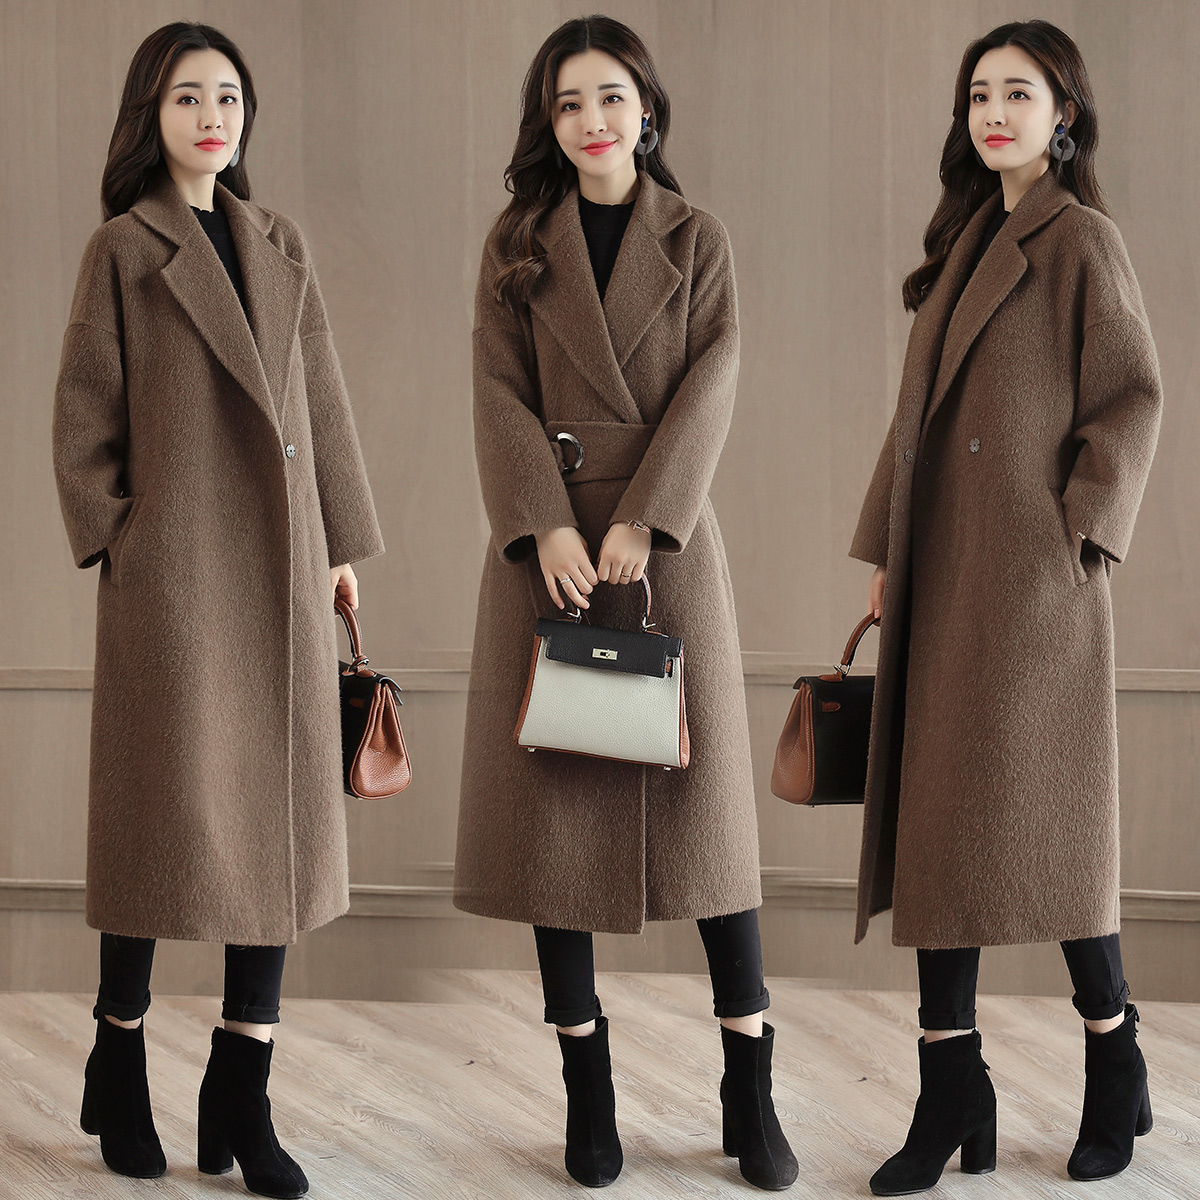 呢大衣女中长款过膝韩版2017秋冬季新款妮子修身显瘦韩国毛呢外套